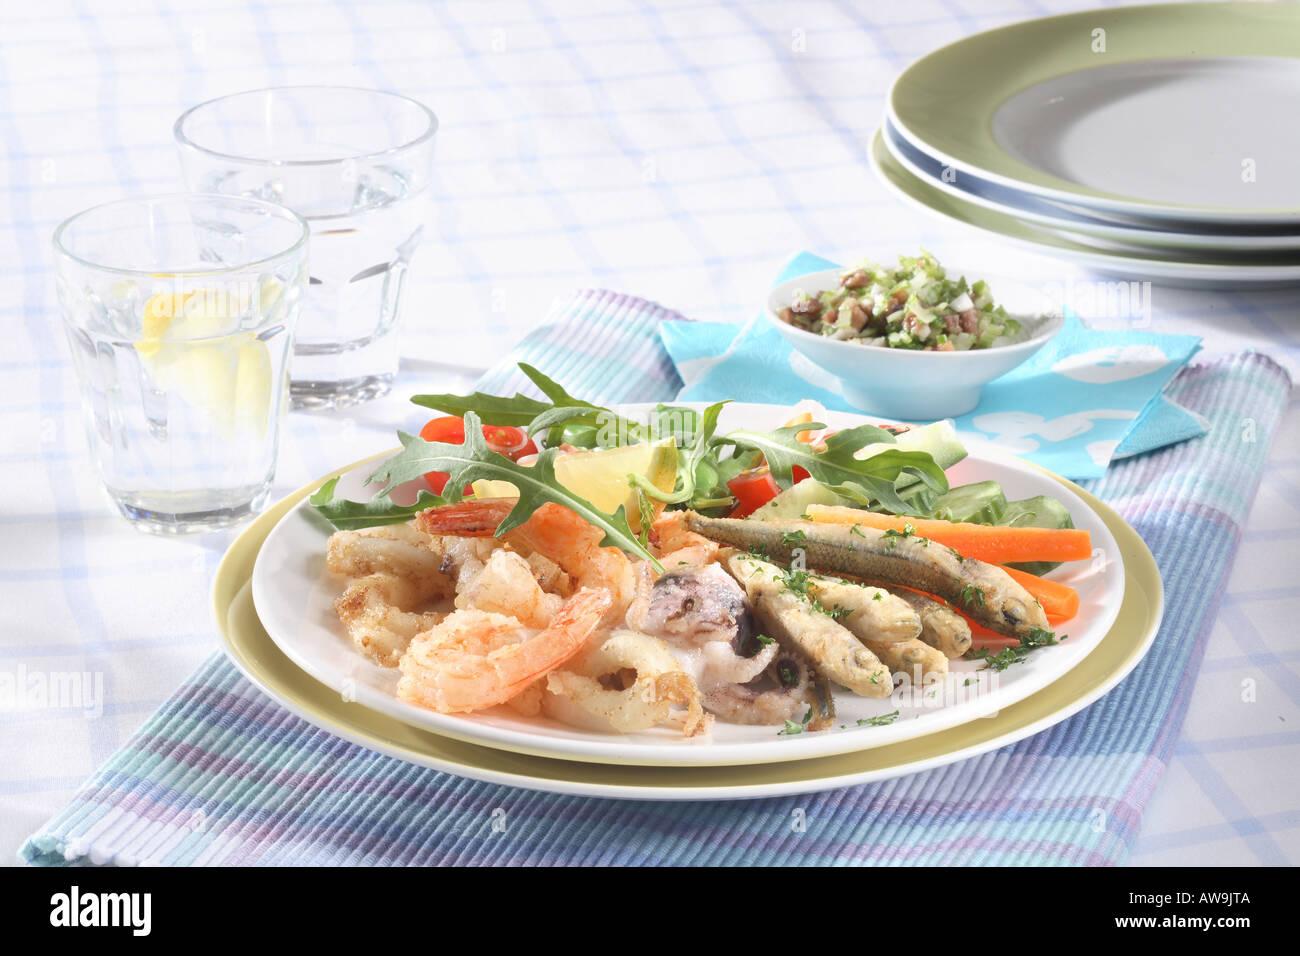 Fruits de mer avec salade de légumes Banque D'Images